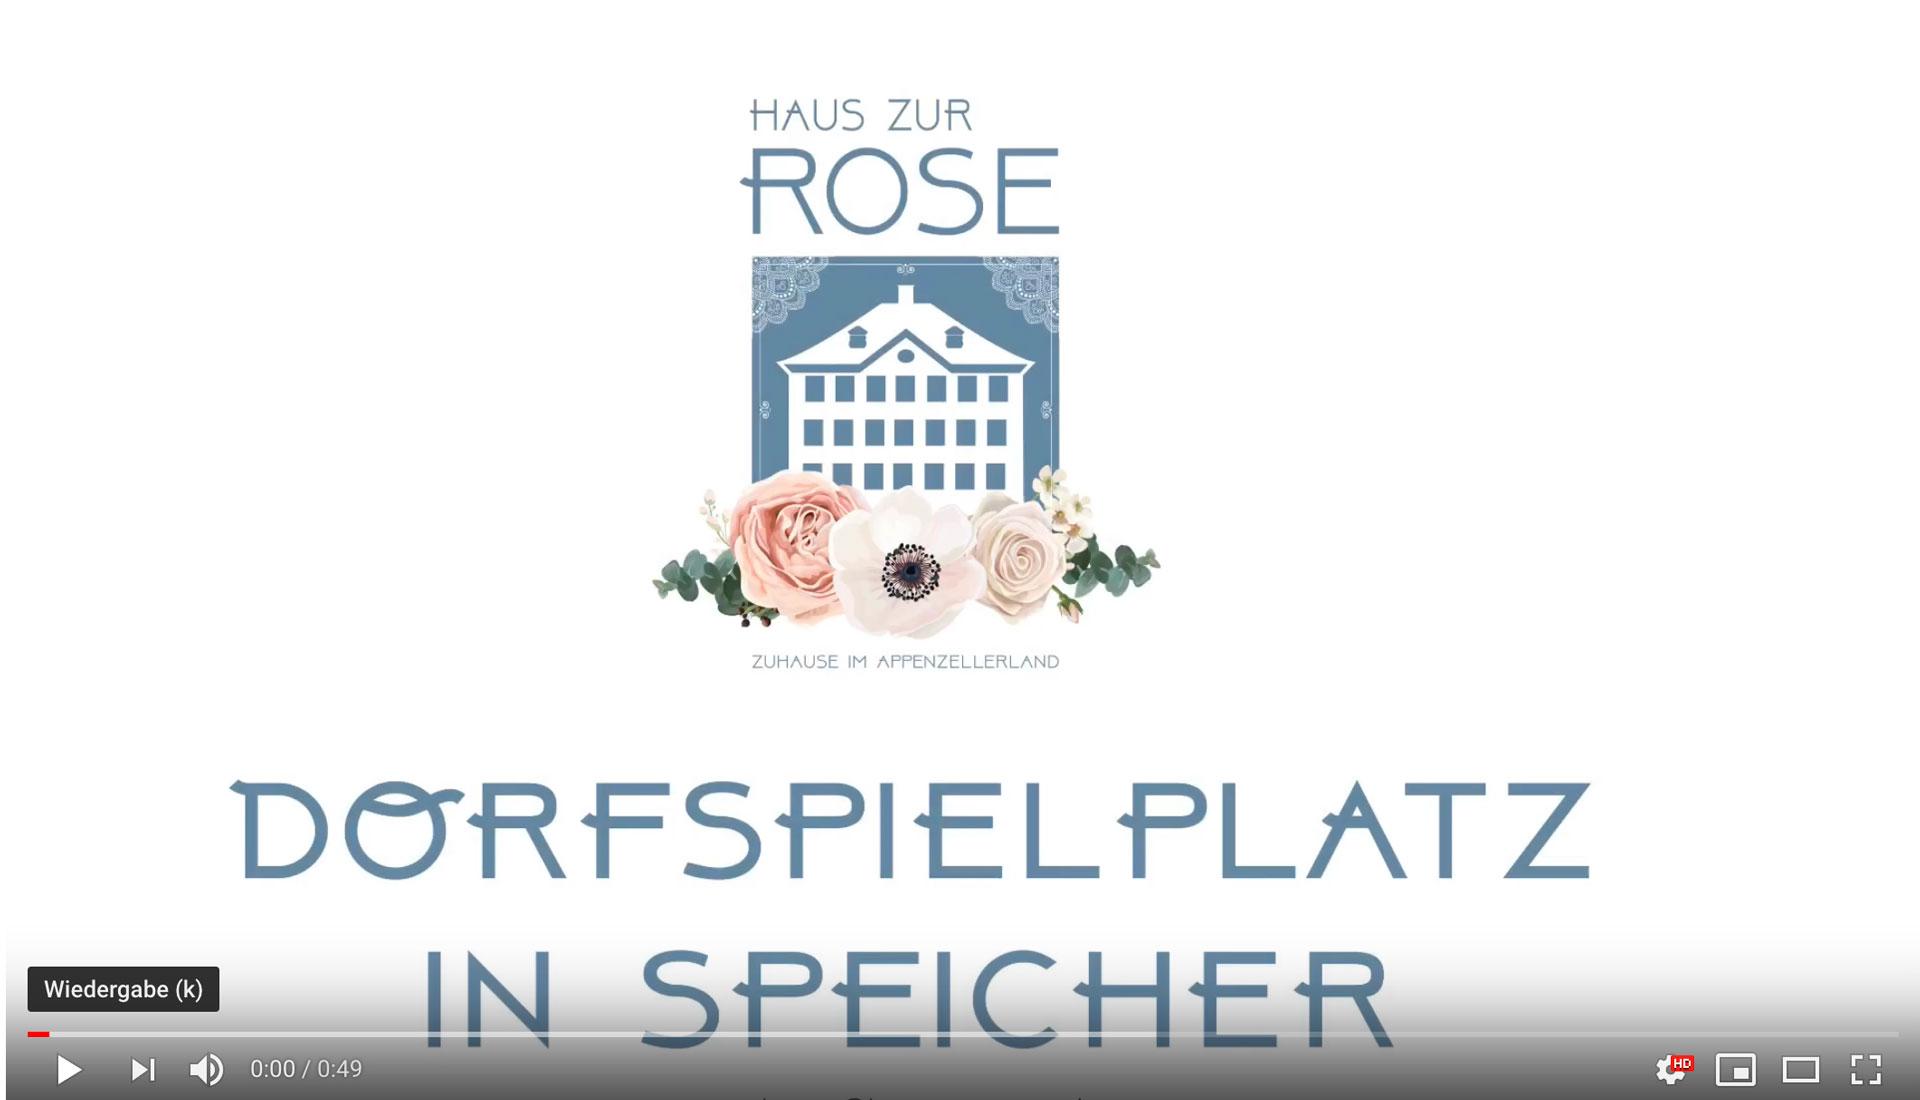 Haus-zur-Rose_DorfspielplatzSpeicher.jpg